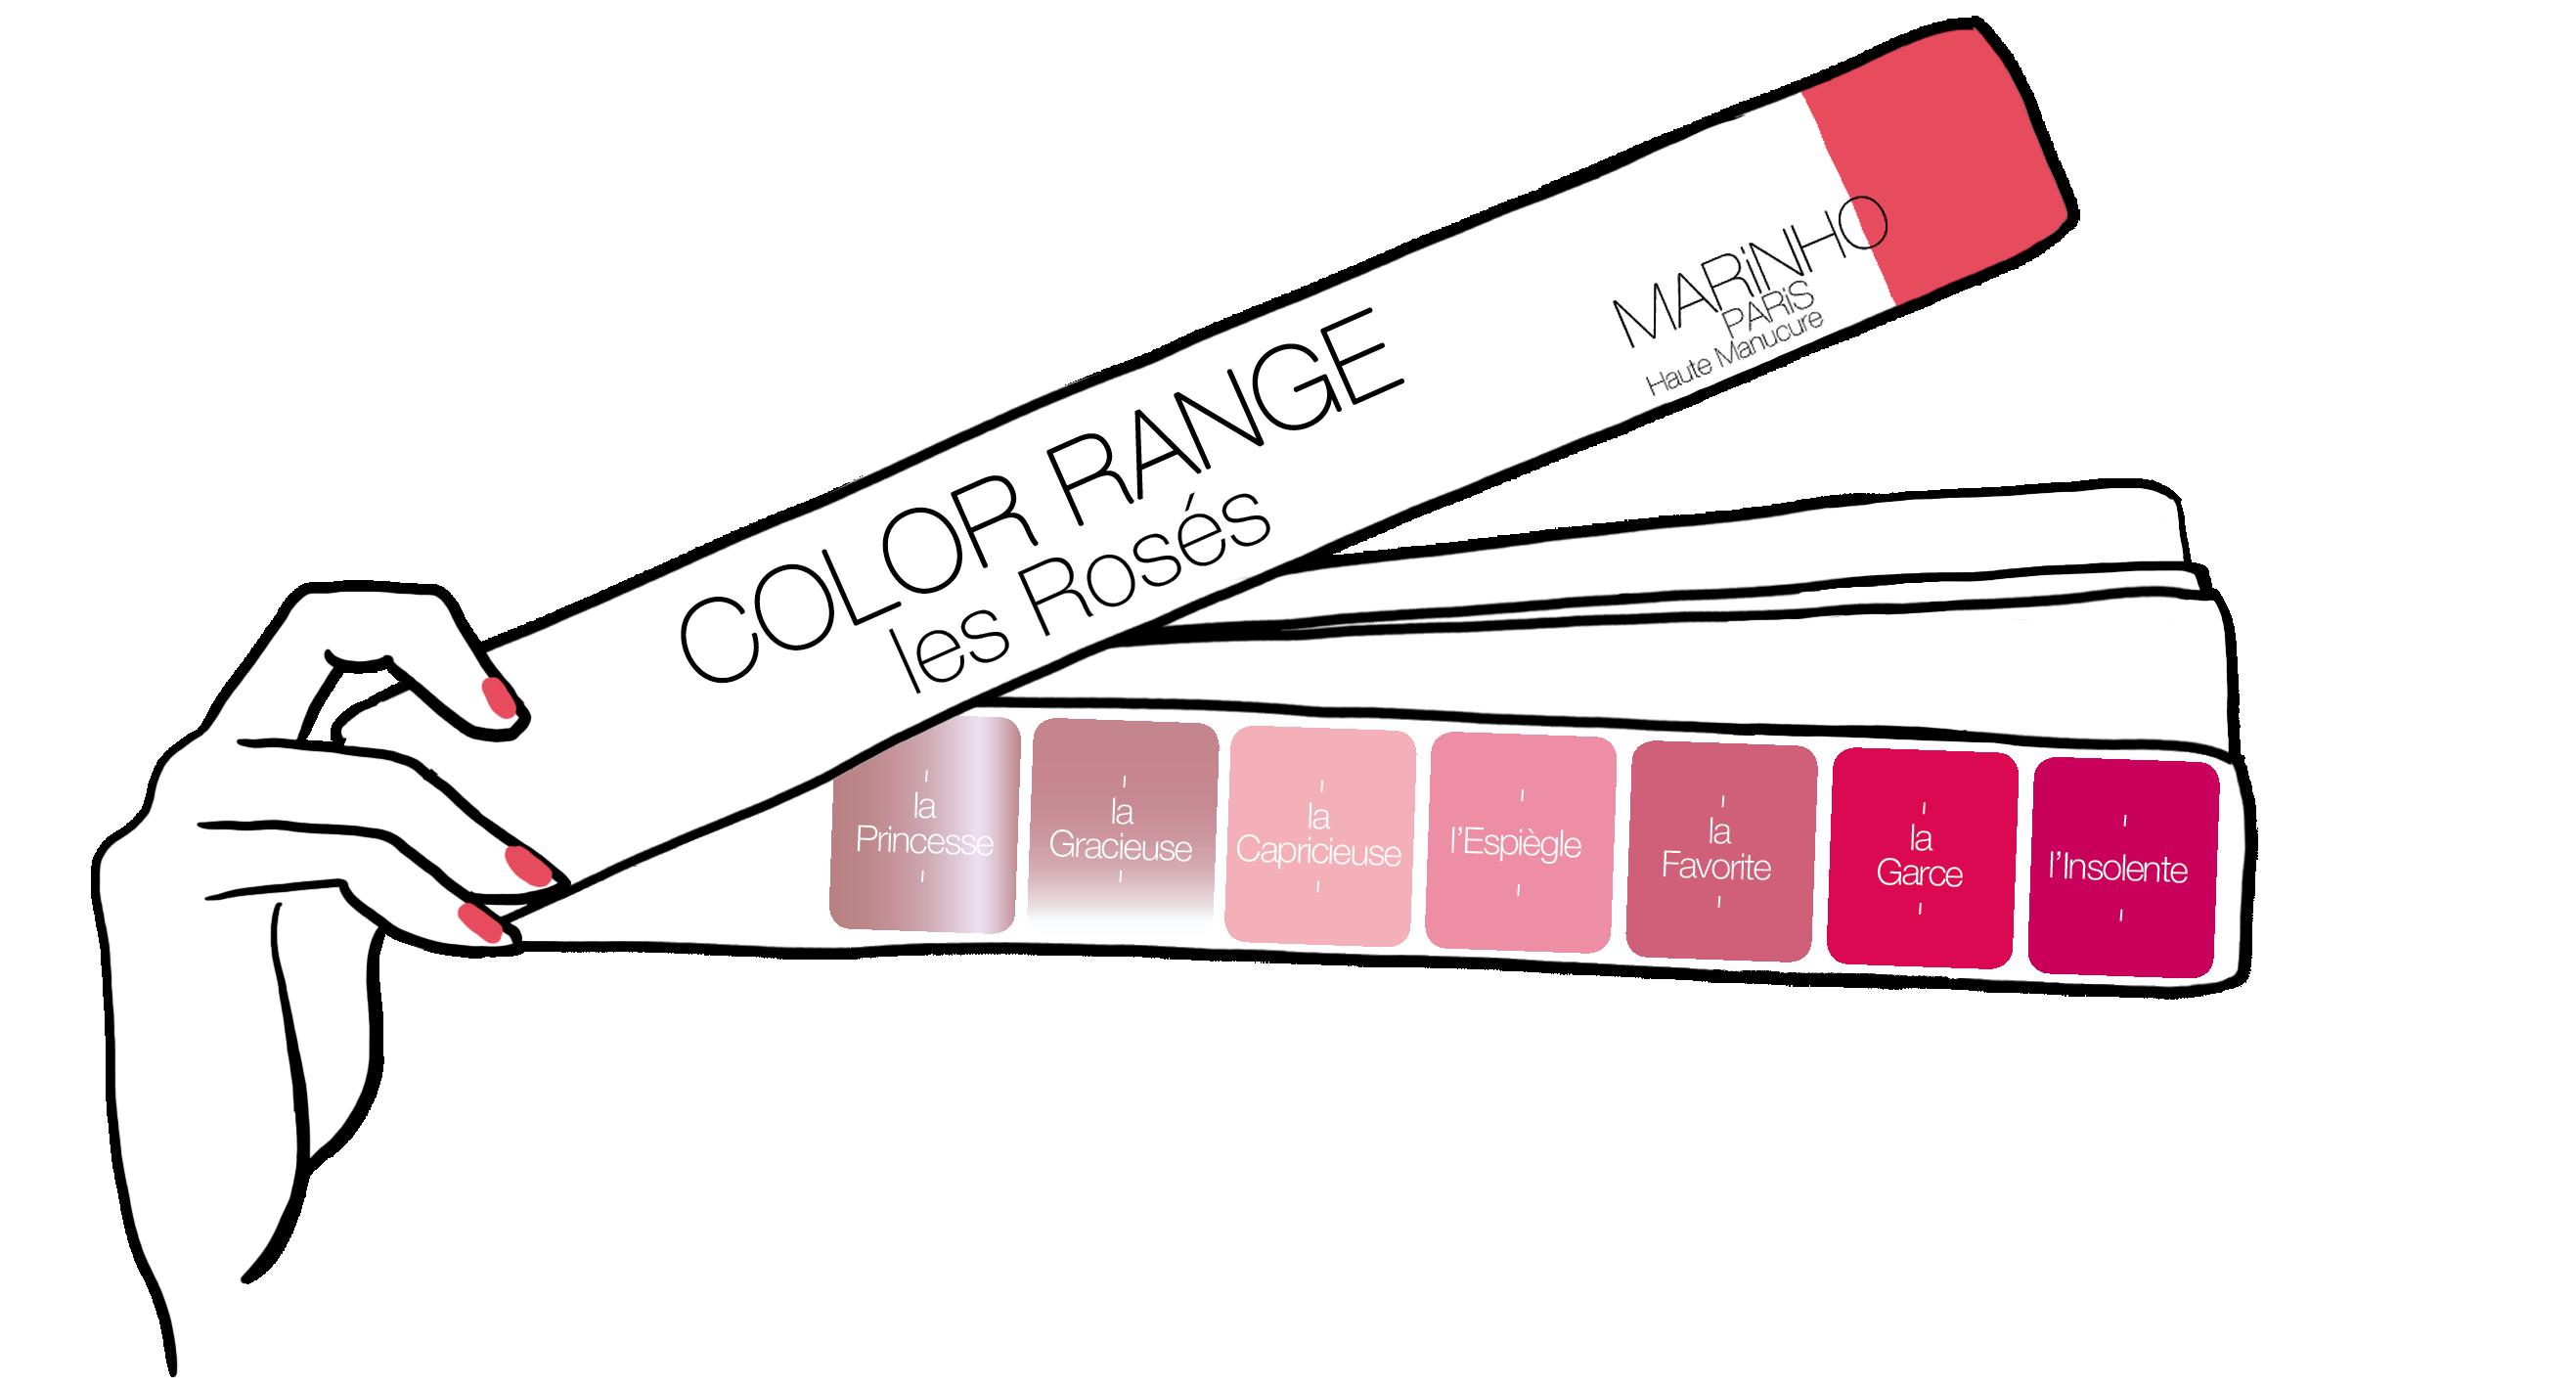 gamme couleur vernis à ongles marinho paris nuances de rose